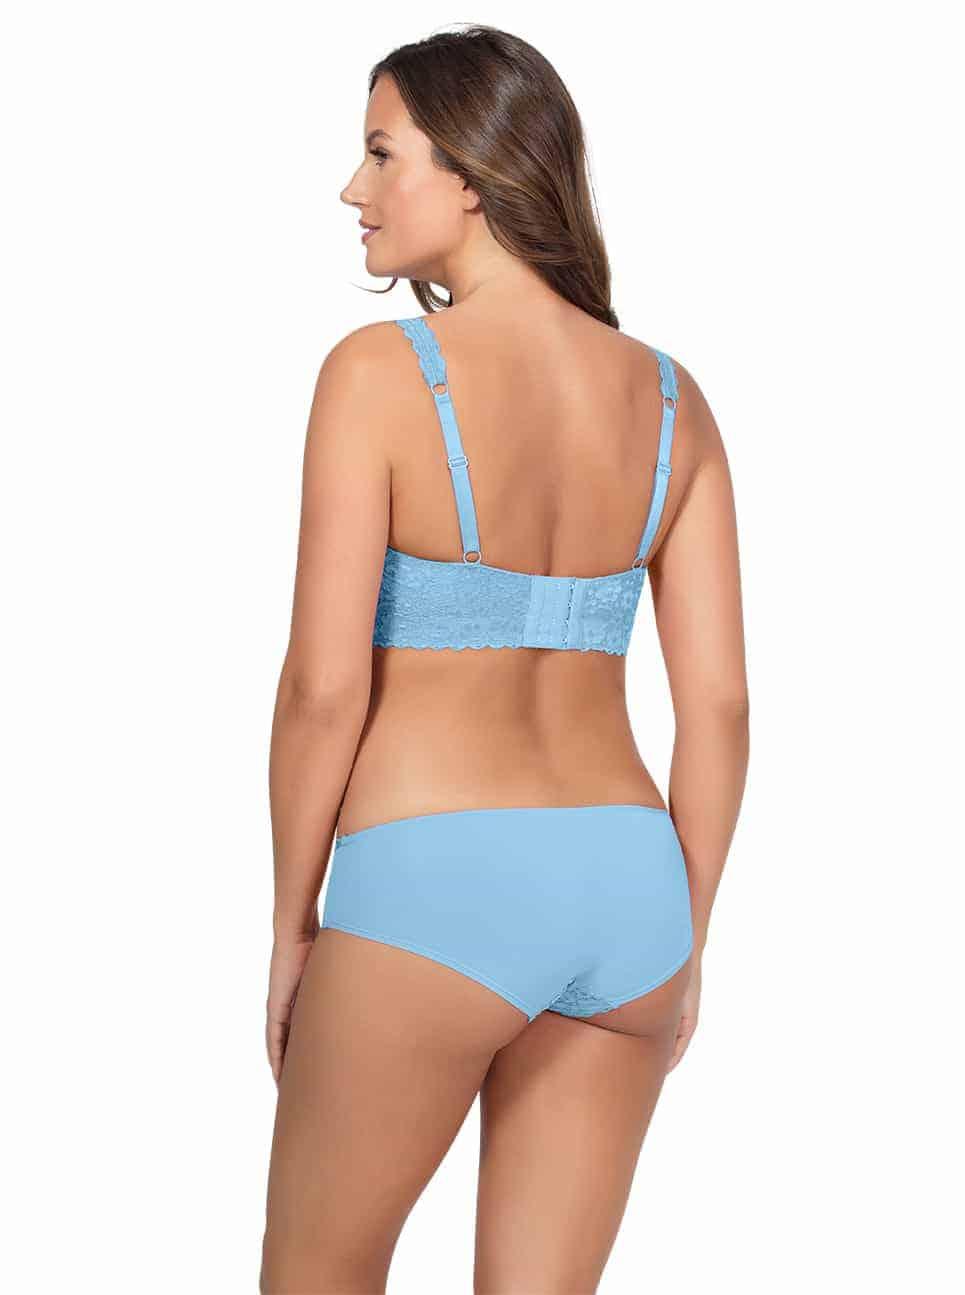 PARFAIT Adriana LaceBraletteP5482 BikiniP5483 SkyBlue Back - Adriana Bikini - Sky Blue - P5483